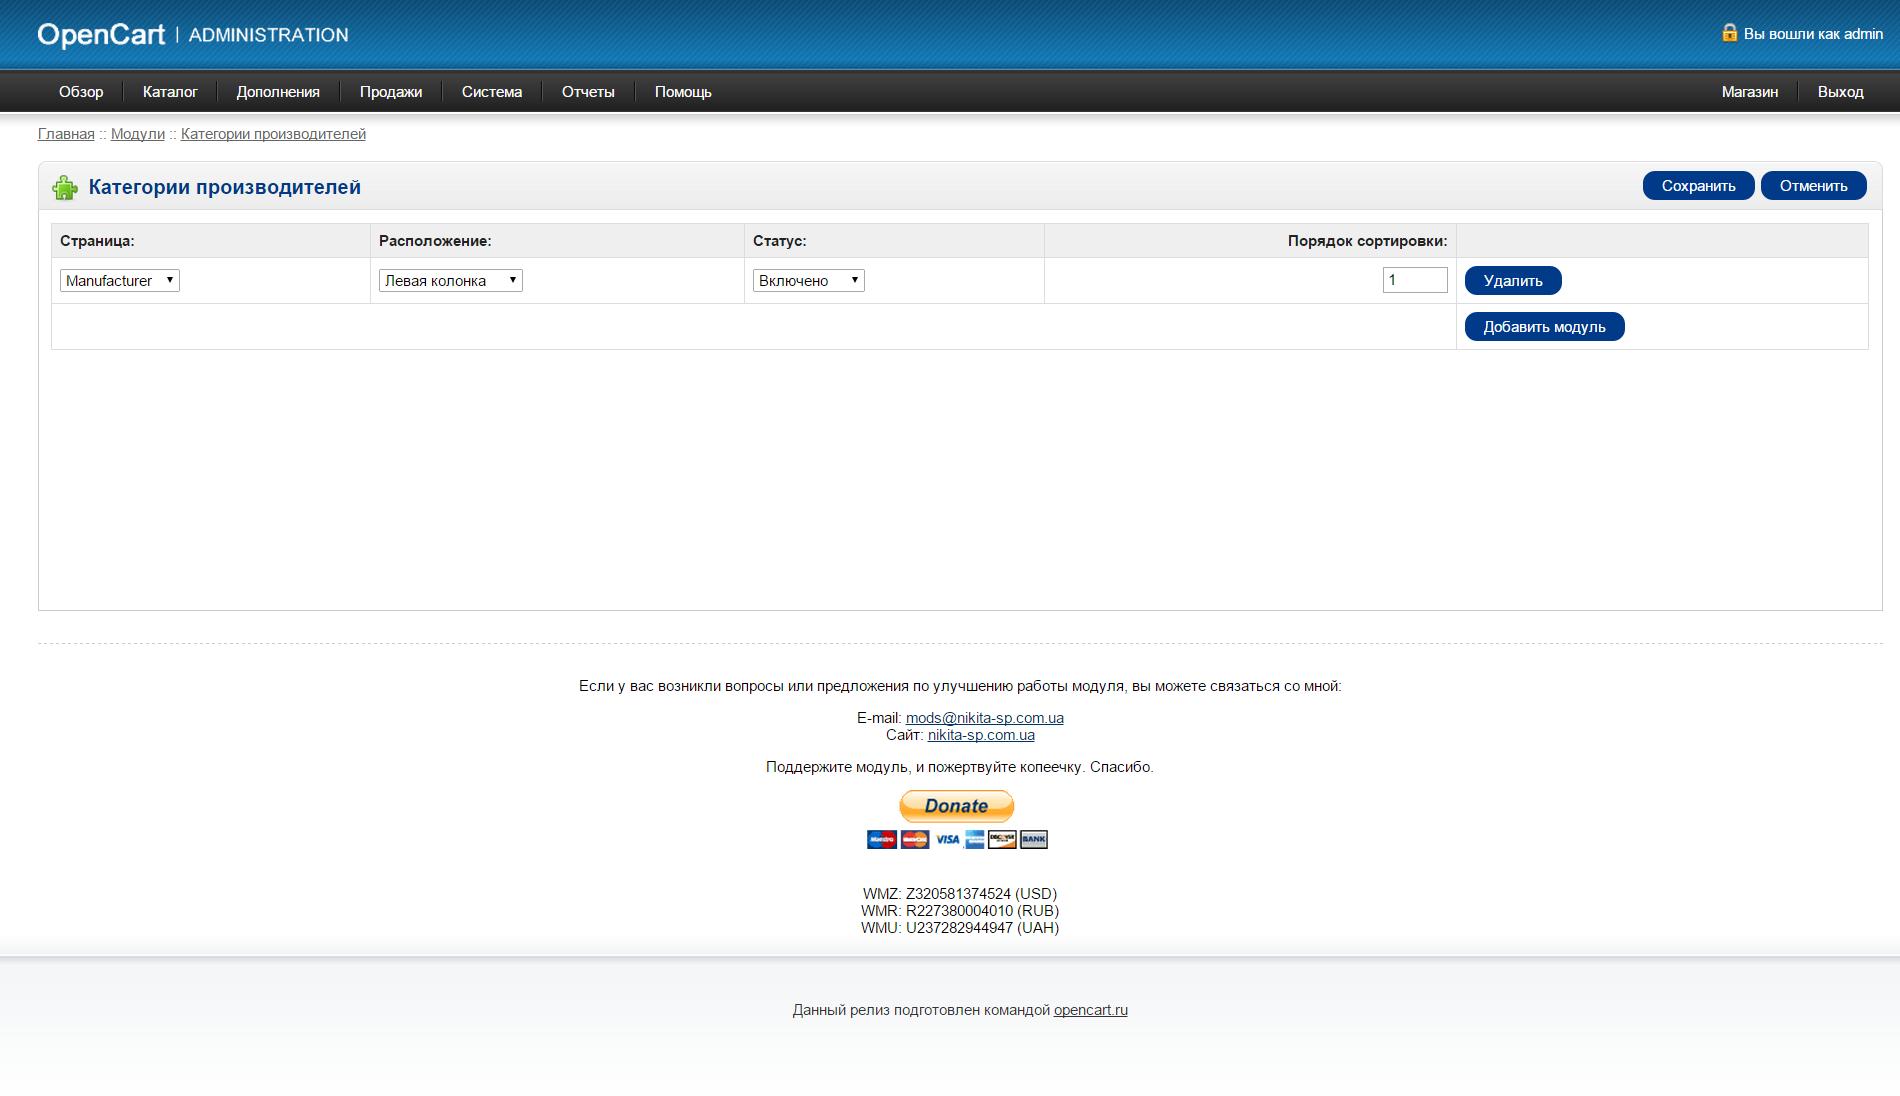 Скриншот 7 - Модуль категорий производителей для Opencart